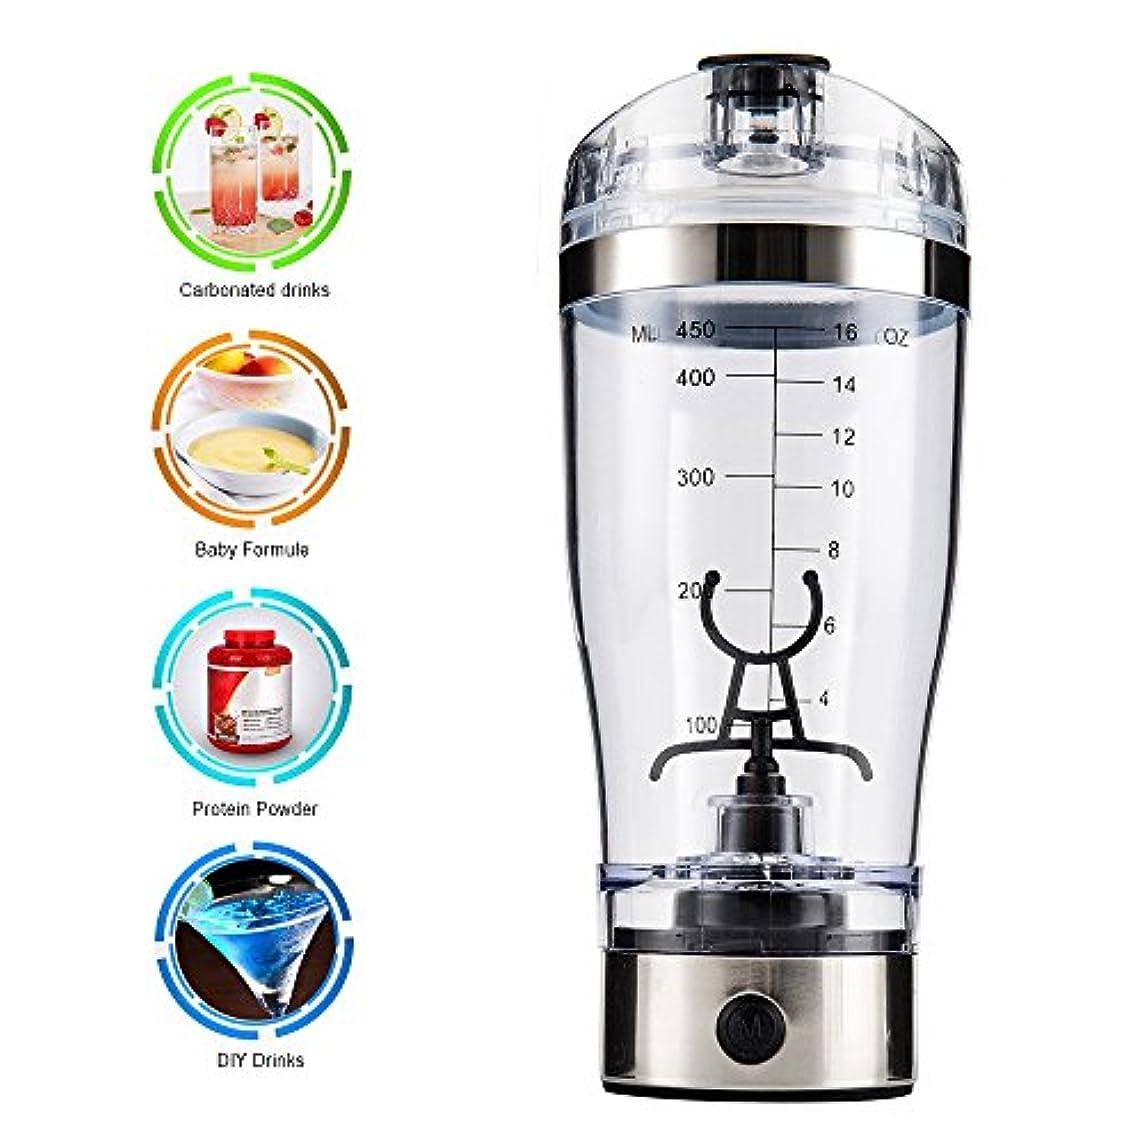 批判フィード値するLittlegrass 電動シェーカー シェーカー 電動 耐熱 混ぜるカップ オート 電動式 食品グレード 高品質 450ml